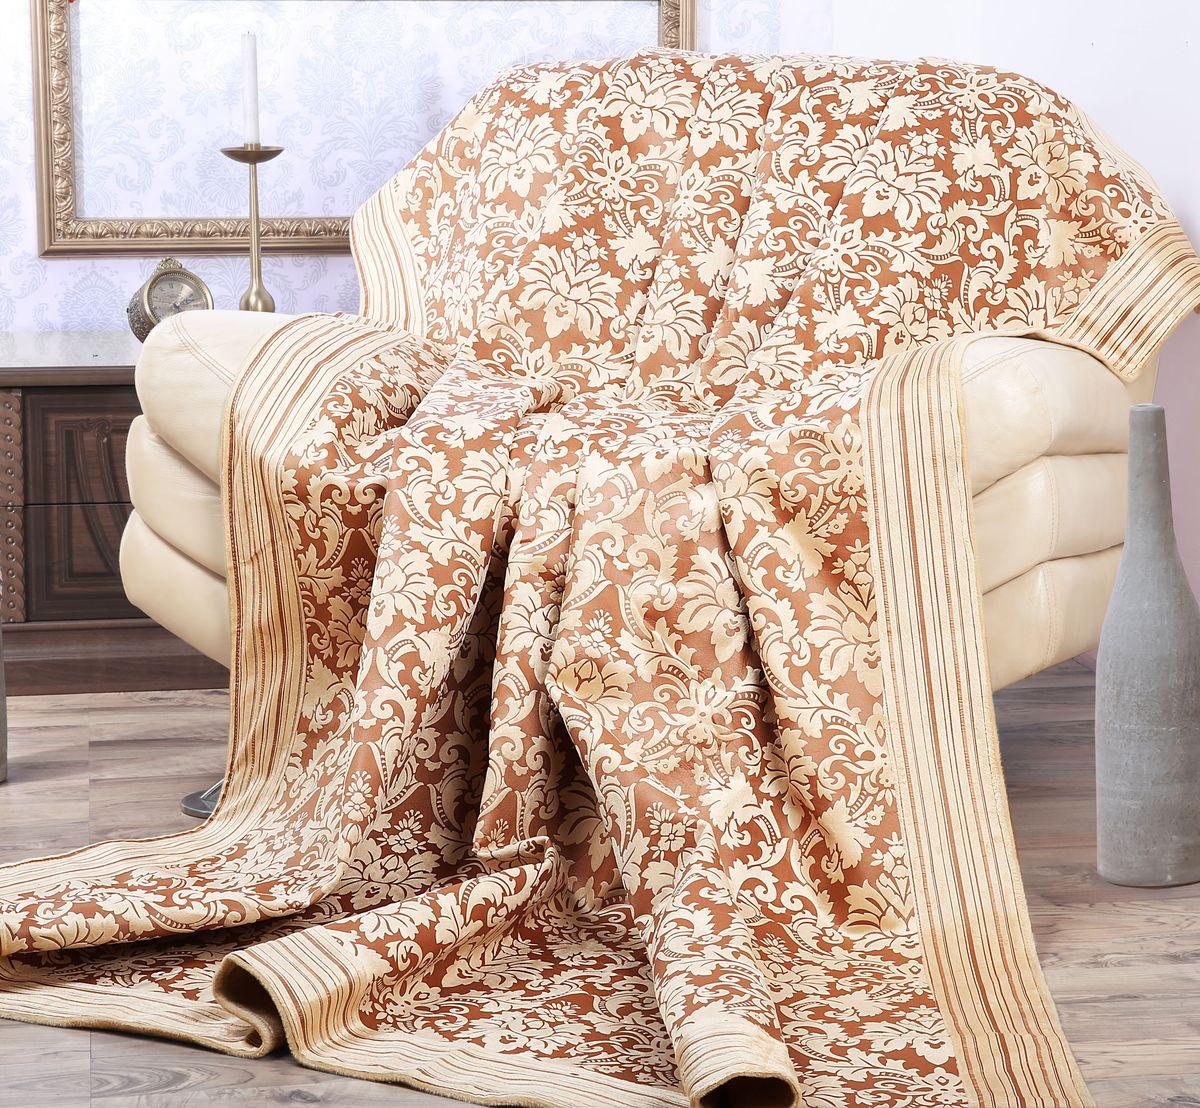 Покрывало Mona Liza Elite Vintage, цвет: бежевый, коричневый, 180 см х 220 см530960/5Роскошное покрывало Mona Liza Elite Vintage из высококачественного полиэстера гармонично впишется в интерьер вашего дома и создаст атмосферу уюта и комфорта. Такое покрывало согреет в прохладную погоду и будет превосходно дополнять интерьер вашей спальни. Высочайшее качество материала гарантирует безопасность не только взрослых, но и самых маленьких членов семьи. Небольшой ворс придает покрывалу мягкость и оригинальность. Покрывало может подчеркнуть любой стиль интерьера, задать ему нужный тон - от игривого до ностальгического. Покрывало - это такой подарок, который будет всегда актуален, особенно для ваших родных и близких, ведь вы дарите им частичку своего тепла! Покрывала серии Mona Liza Elite выполнены из шенилловой ткани деворе - при выжигании части волокон образуется характерный рельефный рисунок.